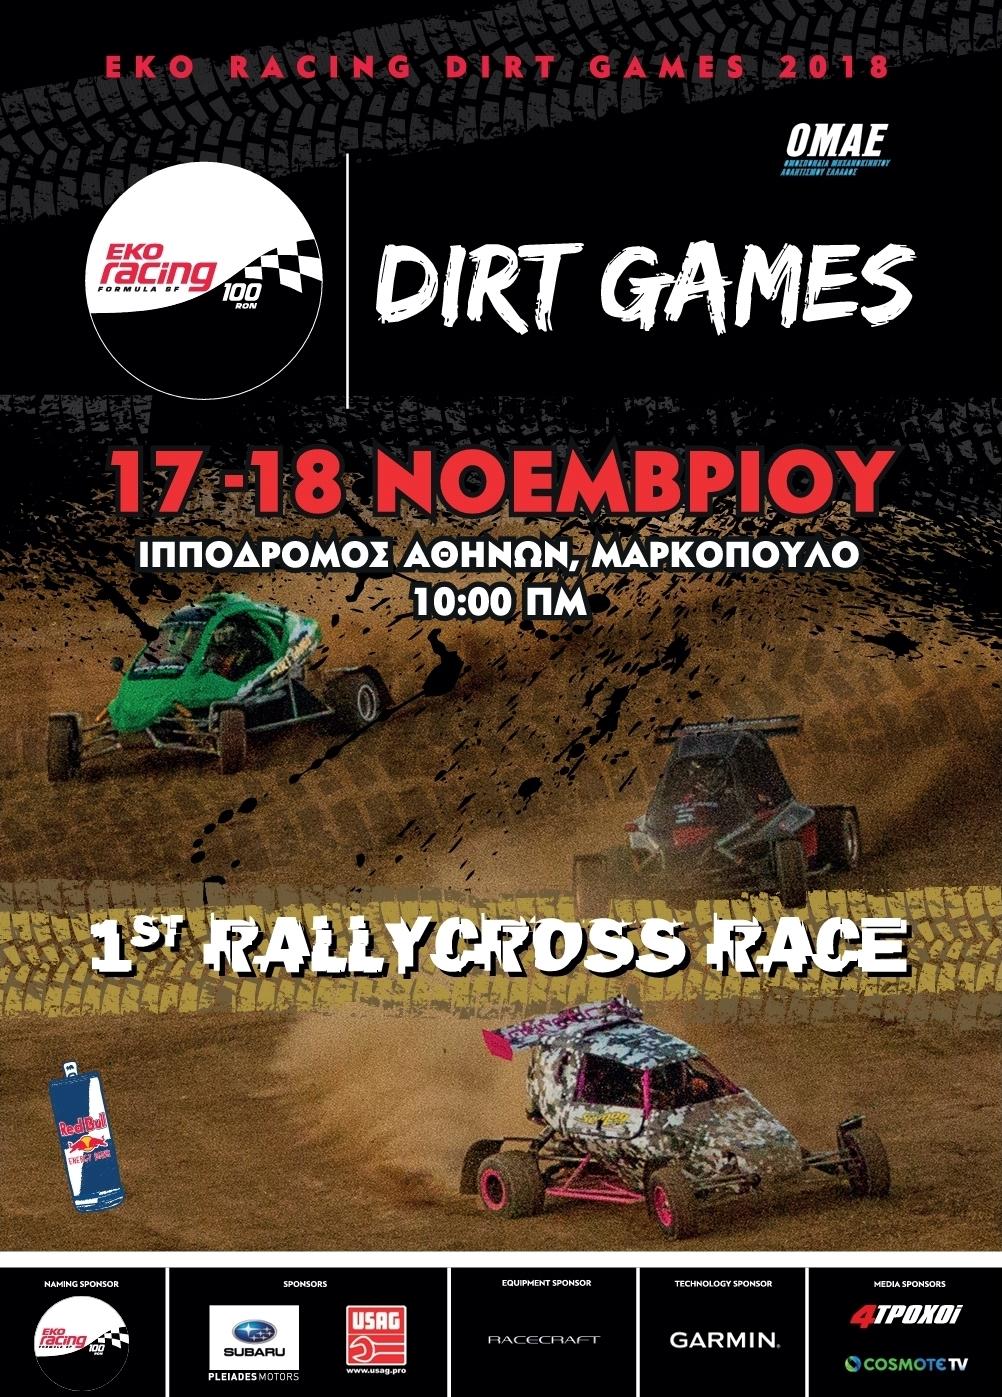 Με 44 συμμετοχές! Η αντίστροφη μέτρηση για τον 4ο γύρο του ΕΚΟ Racing Dirt Games έχει ξεκινήσει, με συνολικά 44 συμμετοχές να προετοιμάζονται για την προτελευταία συνάντηση της χρονιάς. Είναι ένας αγώνας που αναμένεται με τεράστιο ενδιαφέρον, αφού για πρώτη φορά στη χώρα μας θα έχουμε τη δυνατότητα να παρακολουθήσουμε μια αναμέτρηση σύμφωνα με τους κανονισμούς του Πρωταθλήματος Rallycross. Στην ειδικά διαμορφωμένη πίστα στον Ιππόδρομο Αθηνών στο Μαρκόπουλο, 22 οδηγοί με χωμάτινες φόρμουλες θα βρεθούν αντιμέτωποι στη διαδρομή των 1,35 χλμ., με τον «Γολγοθά» προς την τελική νίκη να ξεκινάει το Σάββατο και να ολοκληρώνεται την Κυριακή το μεσημέρι με την τέλεση του μεγάλου τελικού. Παράλληλα, 22 ακόμα οδηγοί, με αυτοκίνητα αλλά και χωμάτινες φόρμουλες, θα αγωνιστούν υπό καθεστώς ατομικής χρονομέτρησης, έχοντας το δικό τους αγώνα στον 4ο γύρο του EKO Racing Dirt Games. Με τη μάχη του τίτλου στις χωμάτινες φόρμουλες, και μάλιστα σε αμφότερες τις κατηγορίες των 600 και των 750 κ.εκ., να βρίσκεται στην κορύφωσή της, το αποτέλεσμα στον Ιππόδρομο Αθηνών κρίνεται εξαιρετικά κρίσιμο για τη συνέχεια. Στην κατηγορία των 600 κ.εκ., η οποία και είναι η πολυπληθέστερη του αγώνα, οι Γιώργος Ζυμαρίδης και Γιάννης Χεκιμιάν, με SR Kartcross και Speedcar Xtrem αντίστοιχα, είναι οι δύο βασικοί διεκδικητές του τίτλου. Όμως, με τη συγκεκριμένη μορφή αγώνα να πραγματοποιείται για πρώτη φορά, κανείς δεν μπορεί να κάνει ασφαλείς προβλέψεις. Ο Παναγιώτης Ρουστέμης με το Semog Trophy έχει αποδείξει την ταχύτητά του, όπως και ο Νώντας Καρανικόλας με το νέο La Base, όντας ικανοί να διεκδικήσουν το κάτι παραπάνω. Βέβαια, το ίδιο ισχύει και για τον Άρη «Ιαβέρη» με το Kamikaz 2, ο οποίος, όταν η τύχη δεν του γυρνάει την πλάτη, μπορεί να κερδίσει κάθε αντίπαλο. Από την άλλη, όμως, και με δεδομένο ότι θα έχουμε έναν αγώνα που θυμίζει... ταχύτητα, ενδιαφέρον θα έχει η παρουσία οδηγών με εμπειρία σε αυτήν τη μορφή αγώνων, όπως είναι οι Τάκης Καϊτατζής και Στέφανος Καμιτσάκης, με Semog Trophy και Kamikaz 